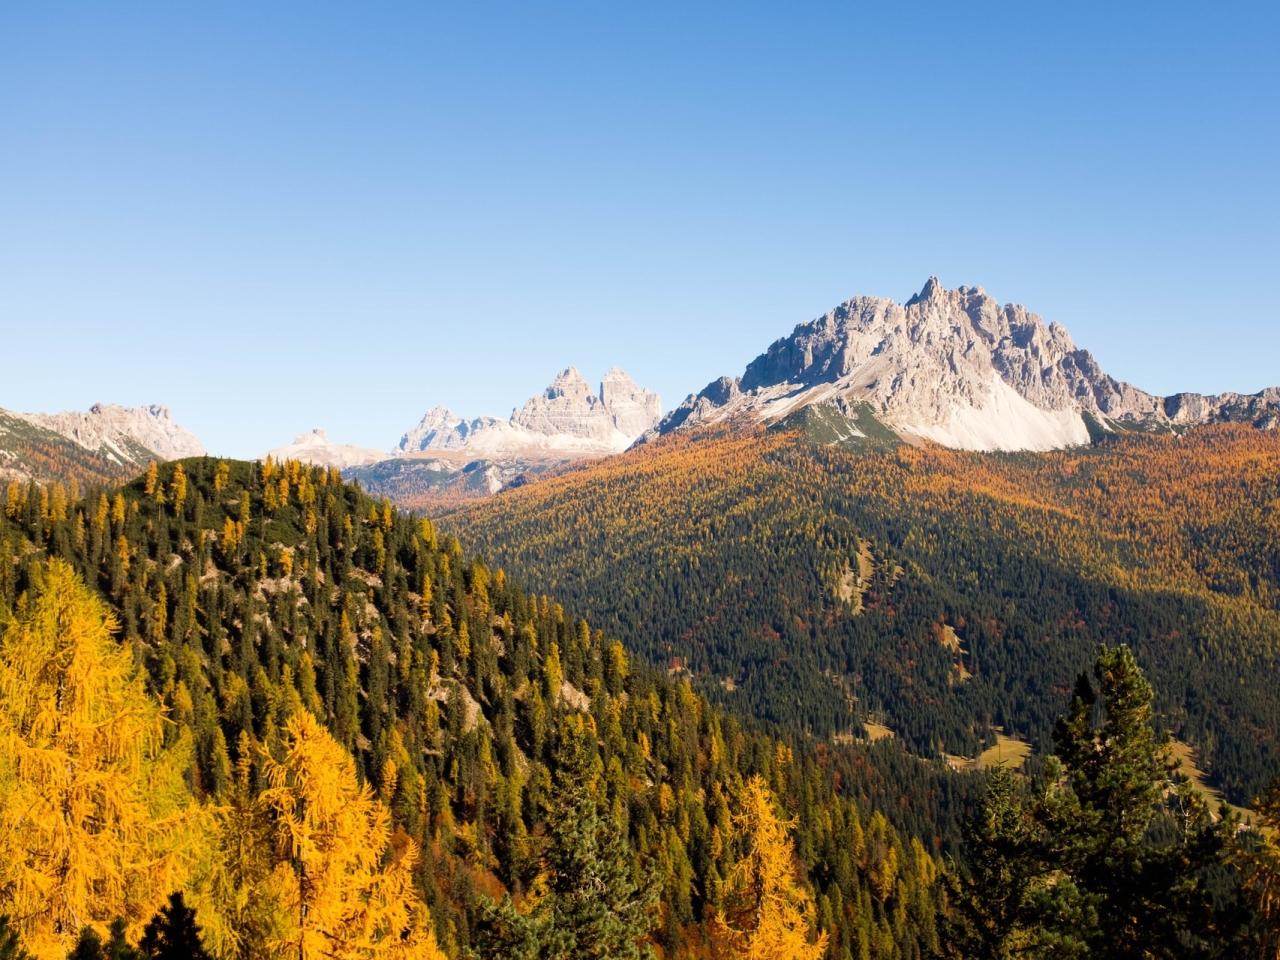 Reiseziele im goldenen Herbst   Unplanned